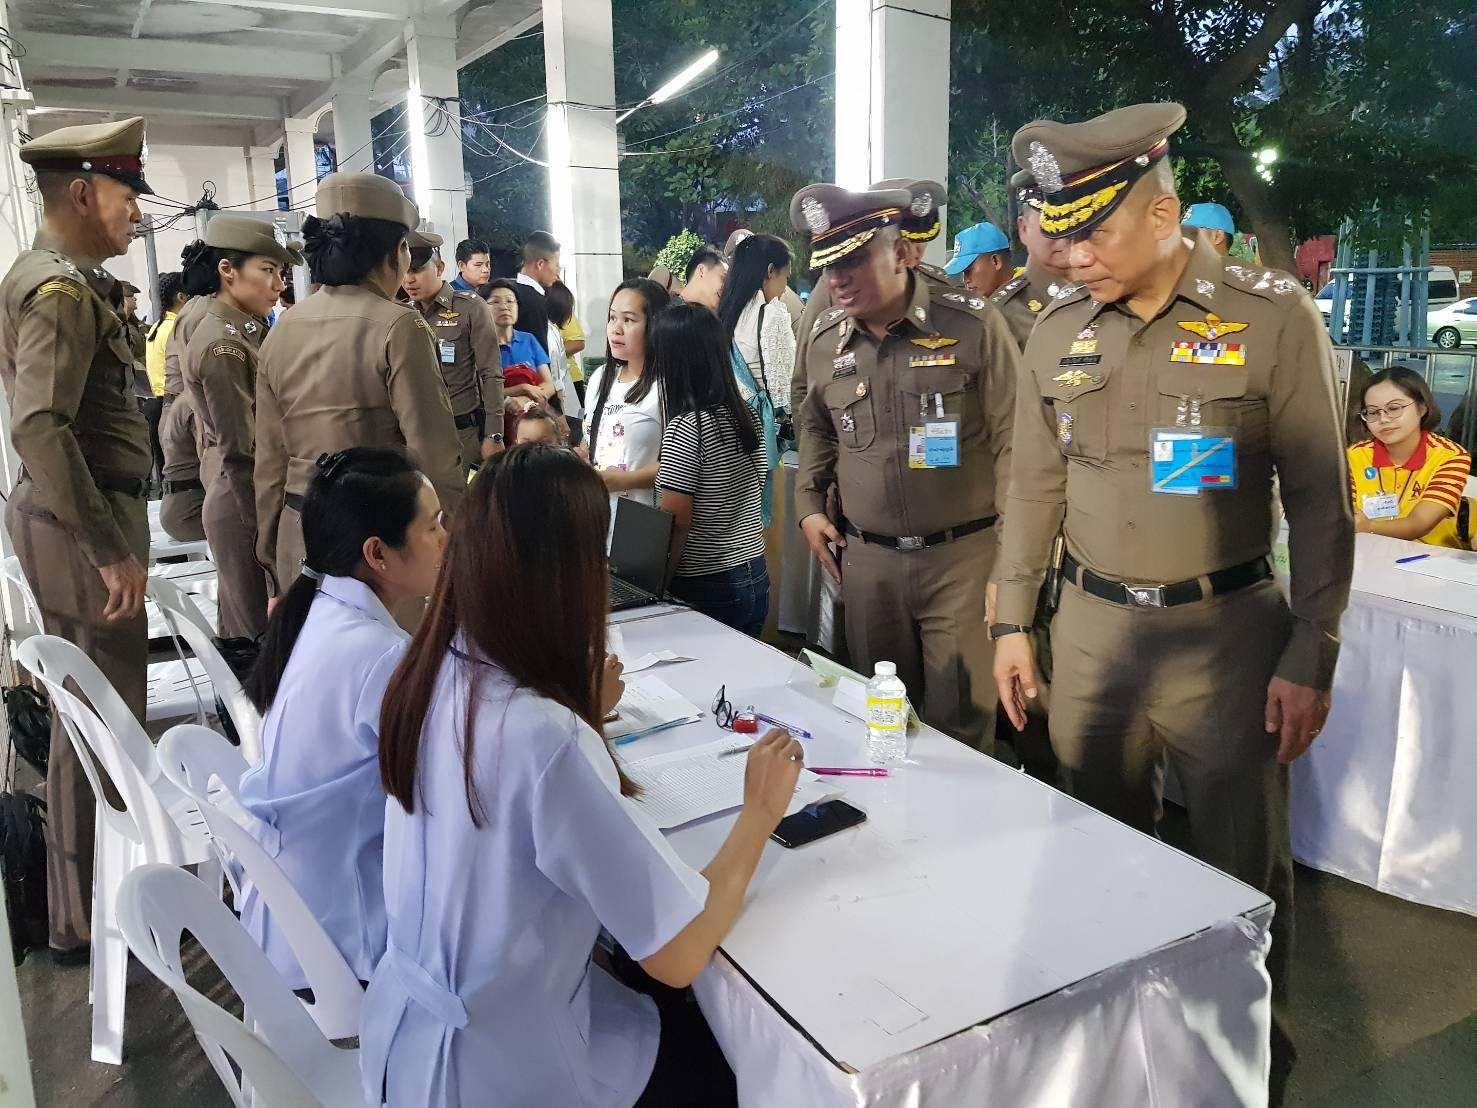 พลตำรวจเอก เฉลิมเกียรติ ศรีวรขาน